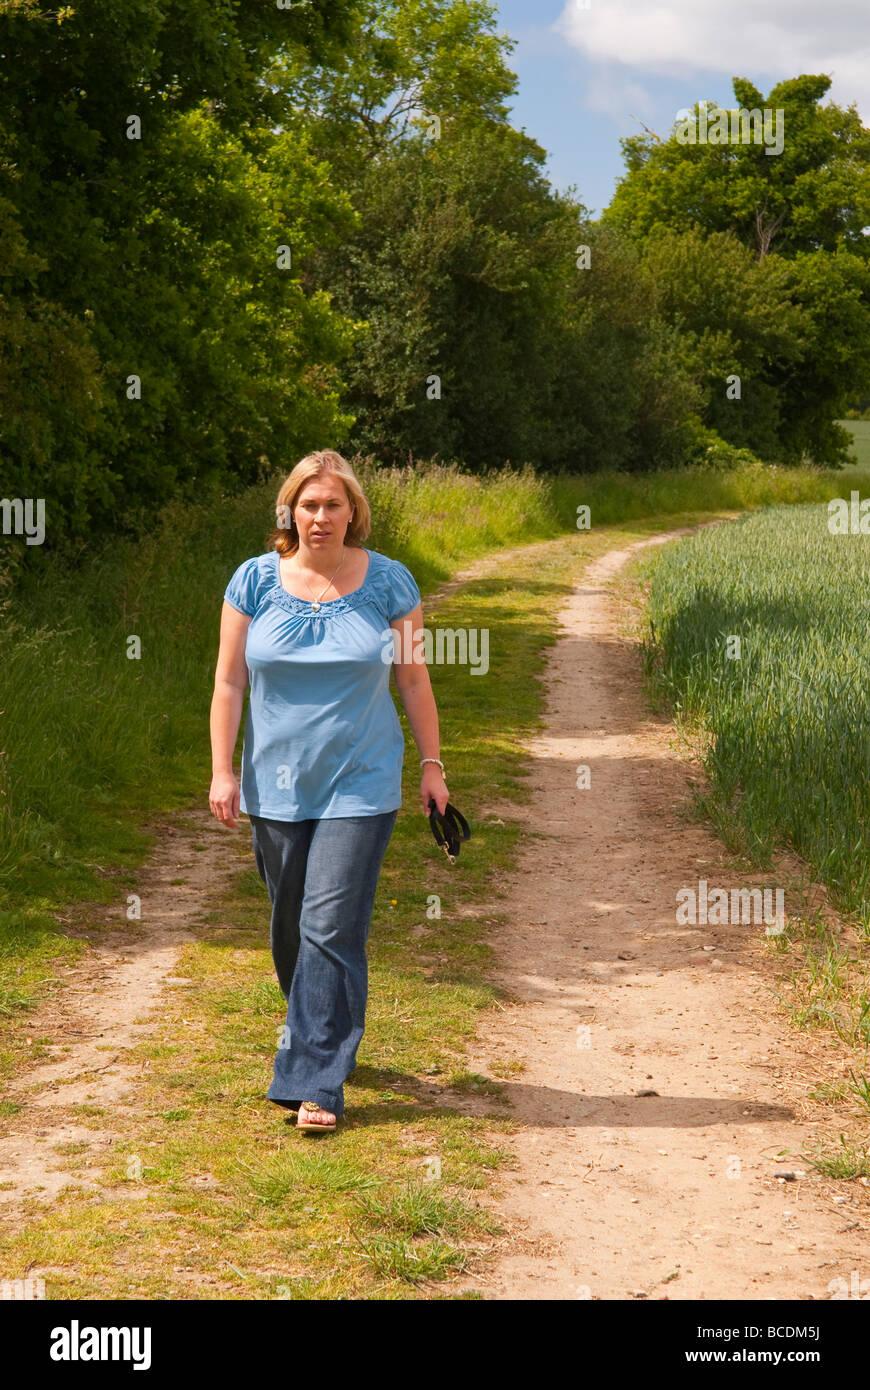 Eine Frau in ihren Dreißigern allein hinunter ein Land Feldweg in der britischen Landschaft im Frühling Stockbild